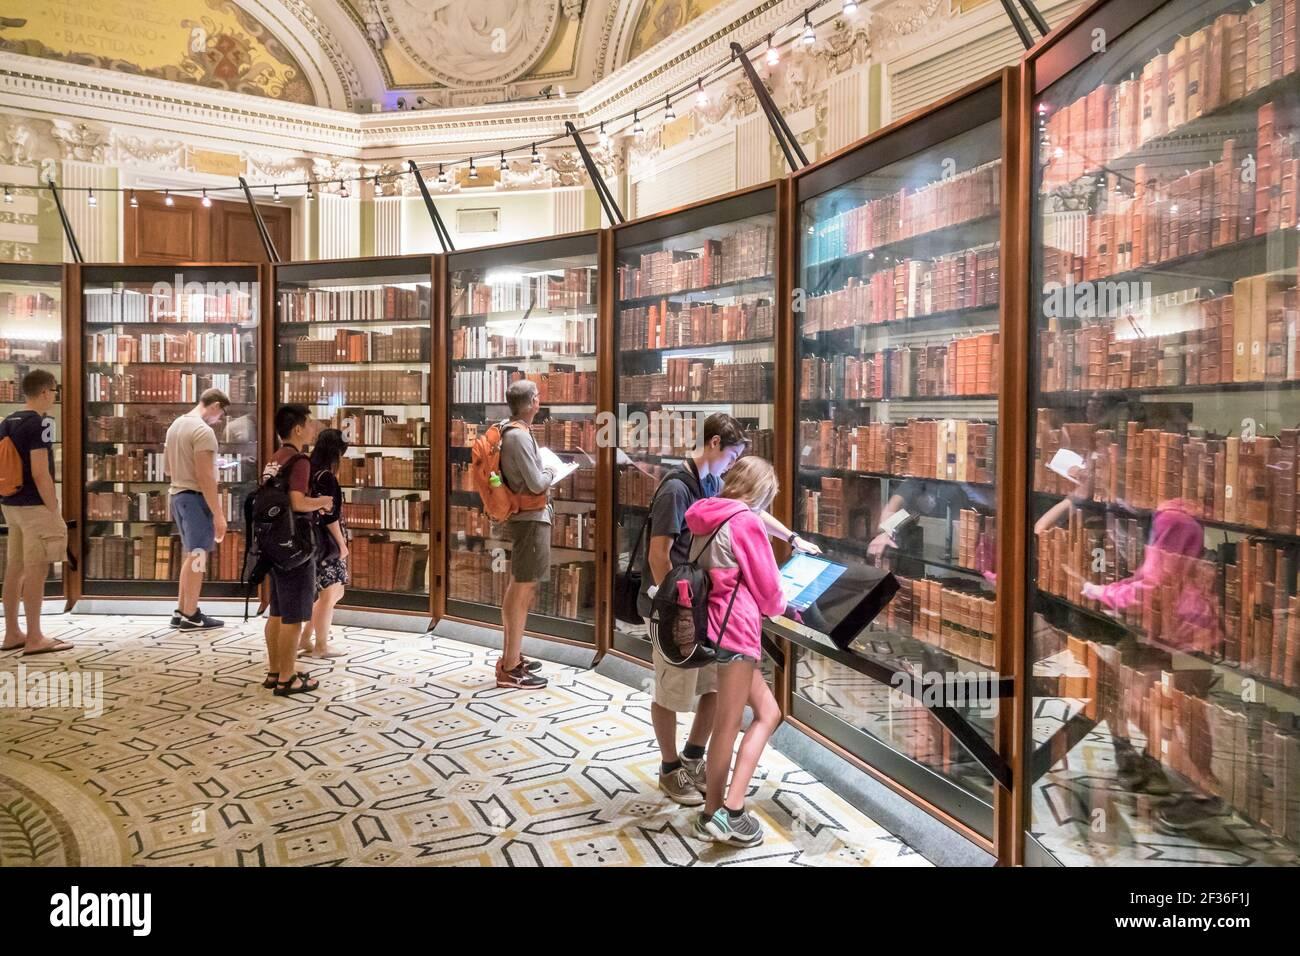 Washington DC Library of Congress, Thomas Jefferson Memorial Building Southwest Pavilion, recréa les étagères personnelles de livres de bibliothèque Thomas Jefferson Banque D'Images